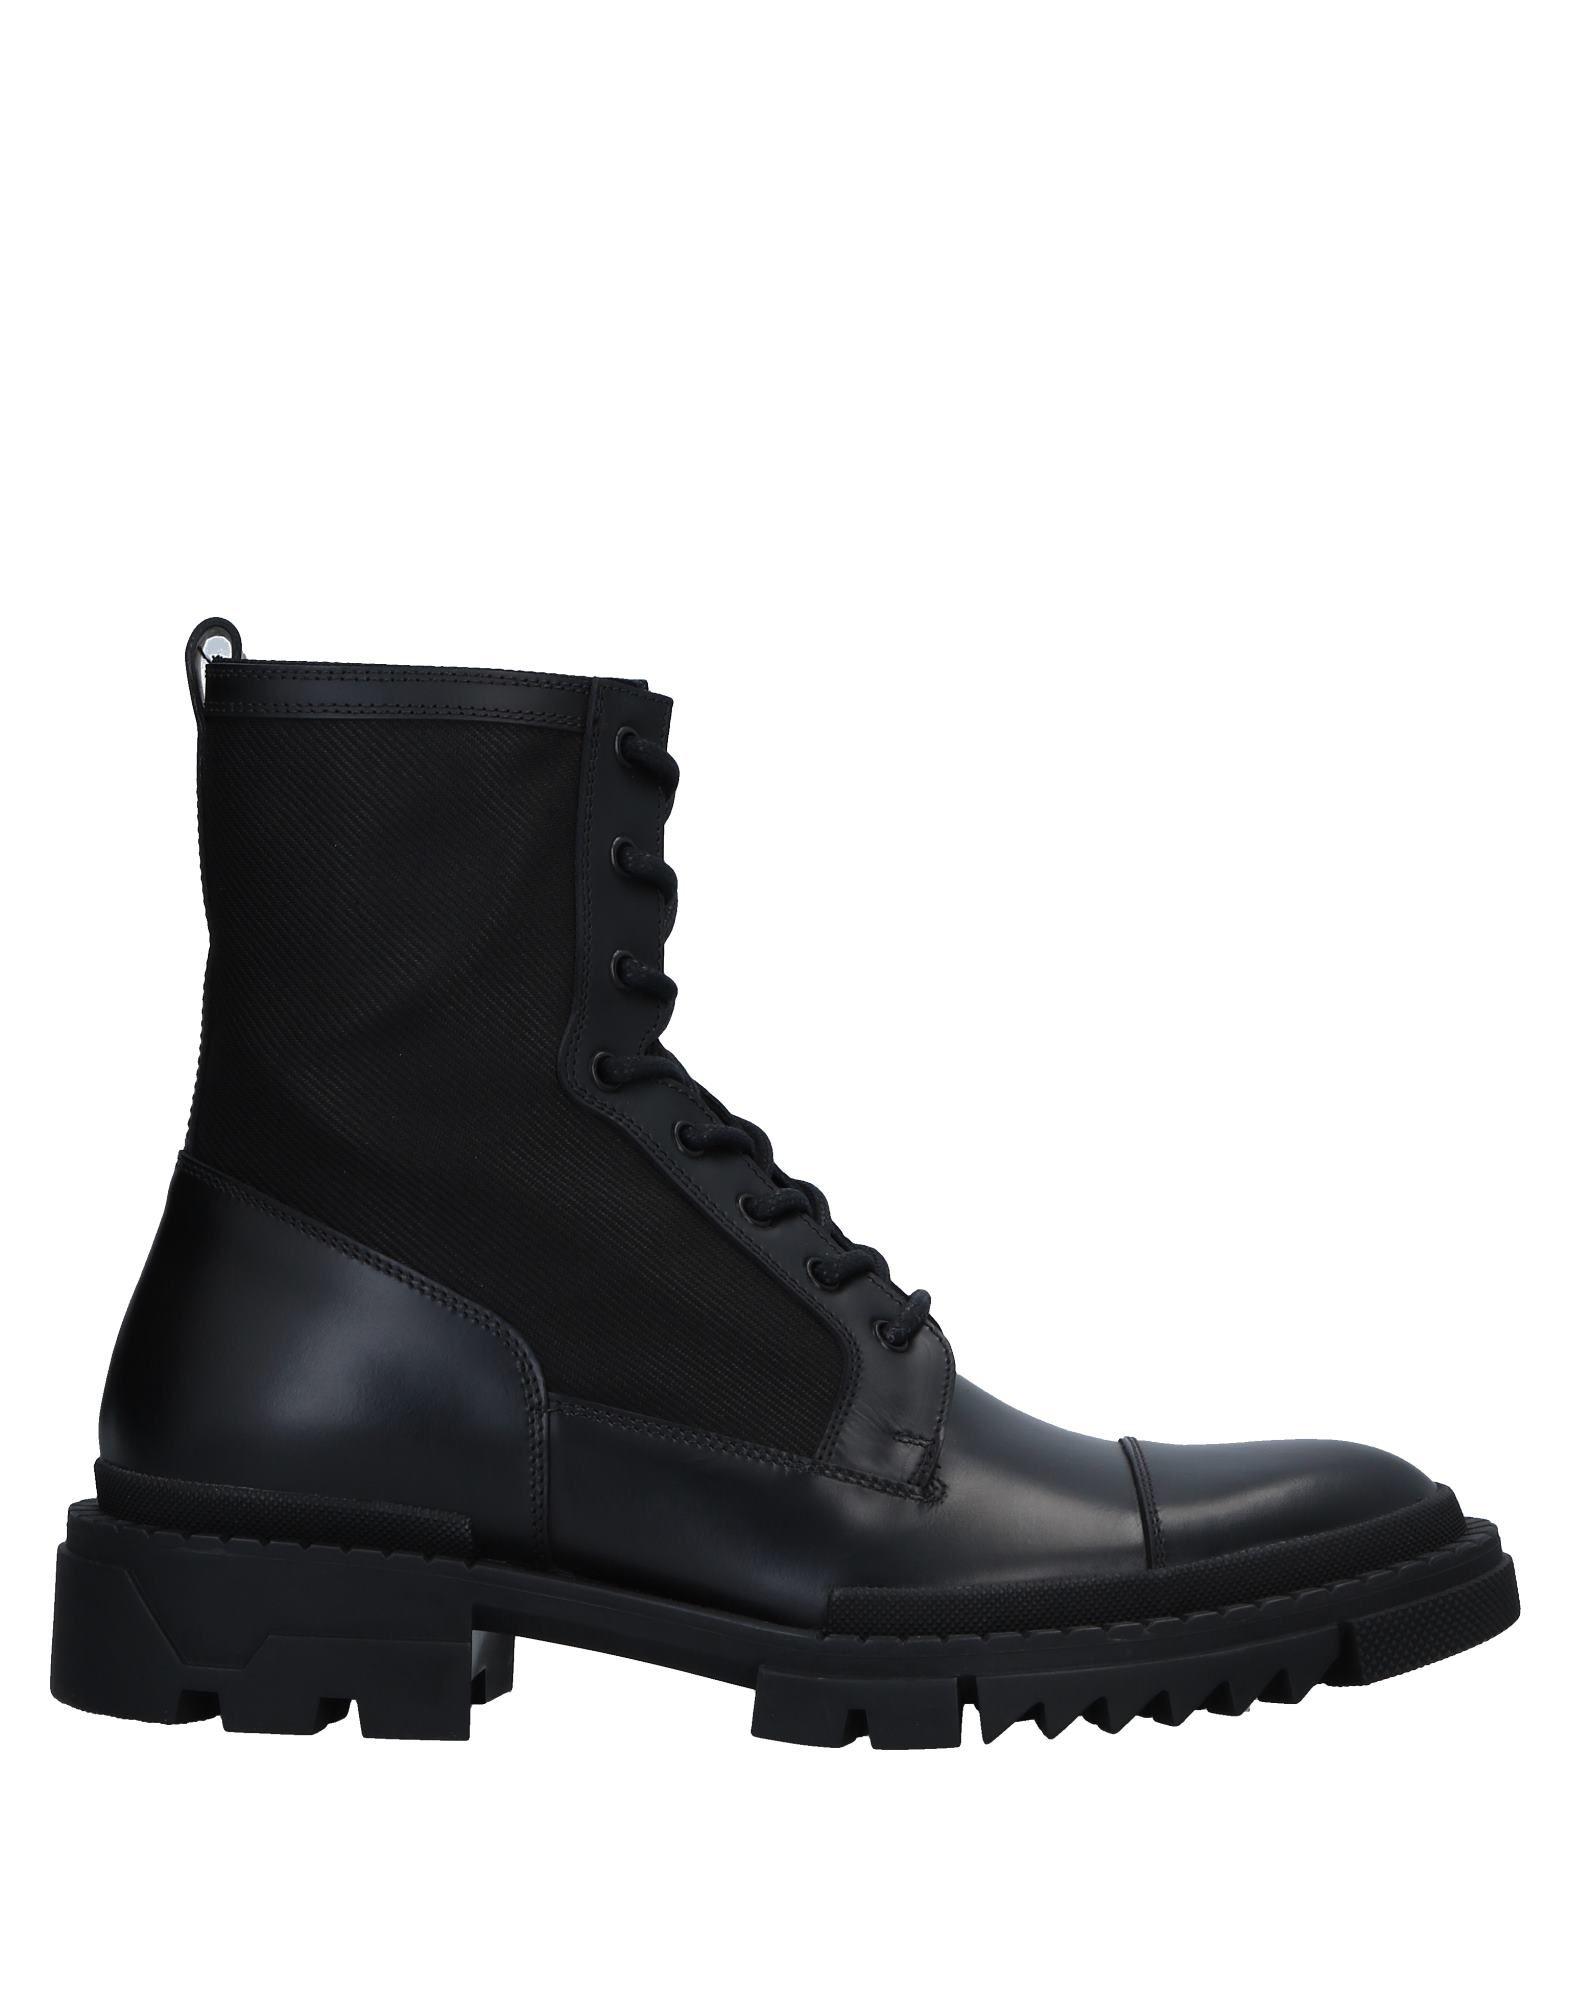 Versace Stiefelette Herren  11532706QB Gute Qualität beliebte Schuhe